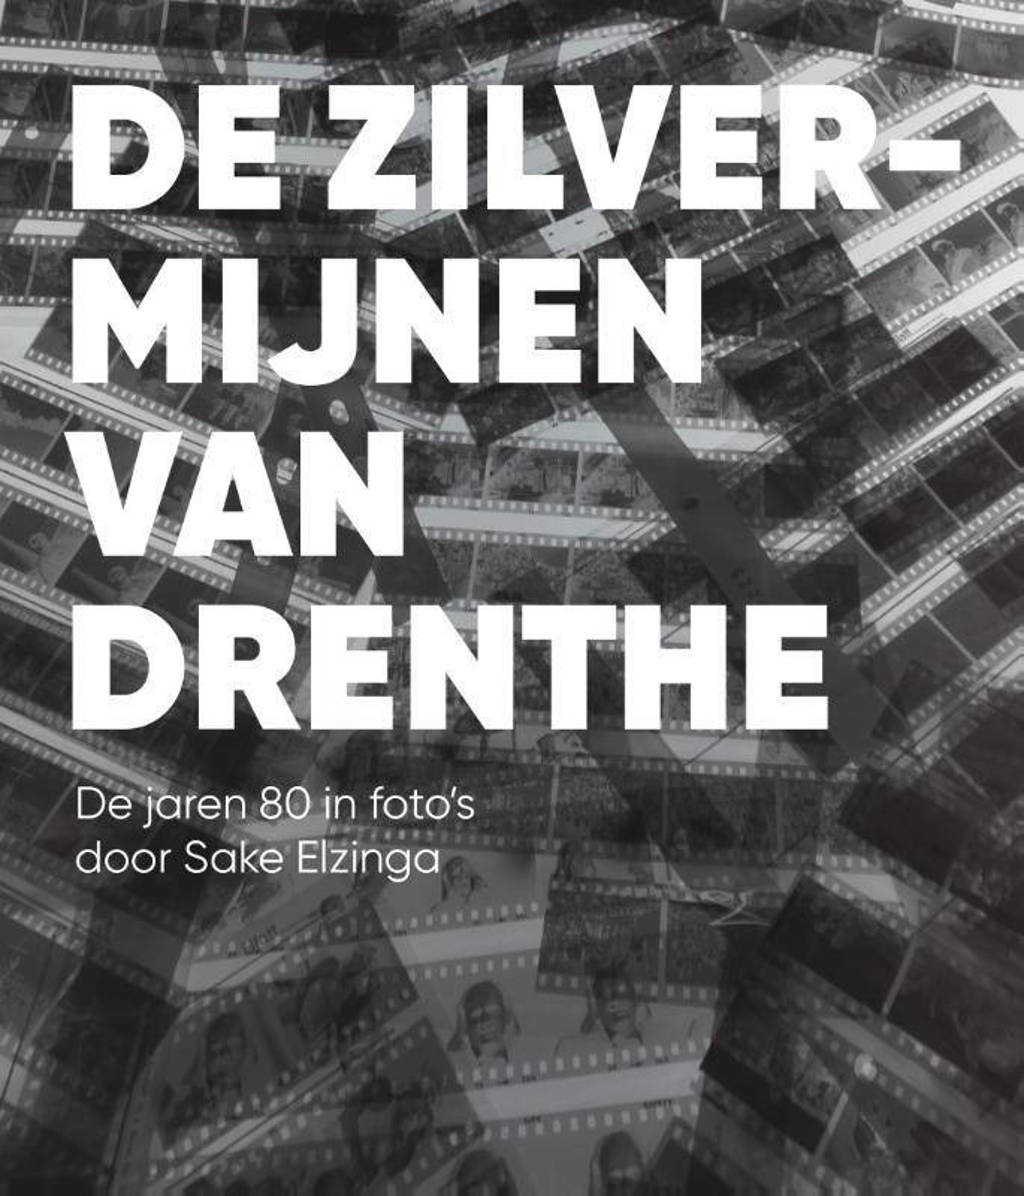 De zilvermijnen van Drenthe - Sake Elzinga